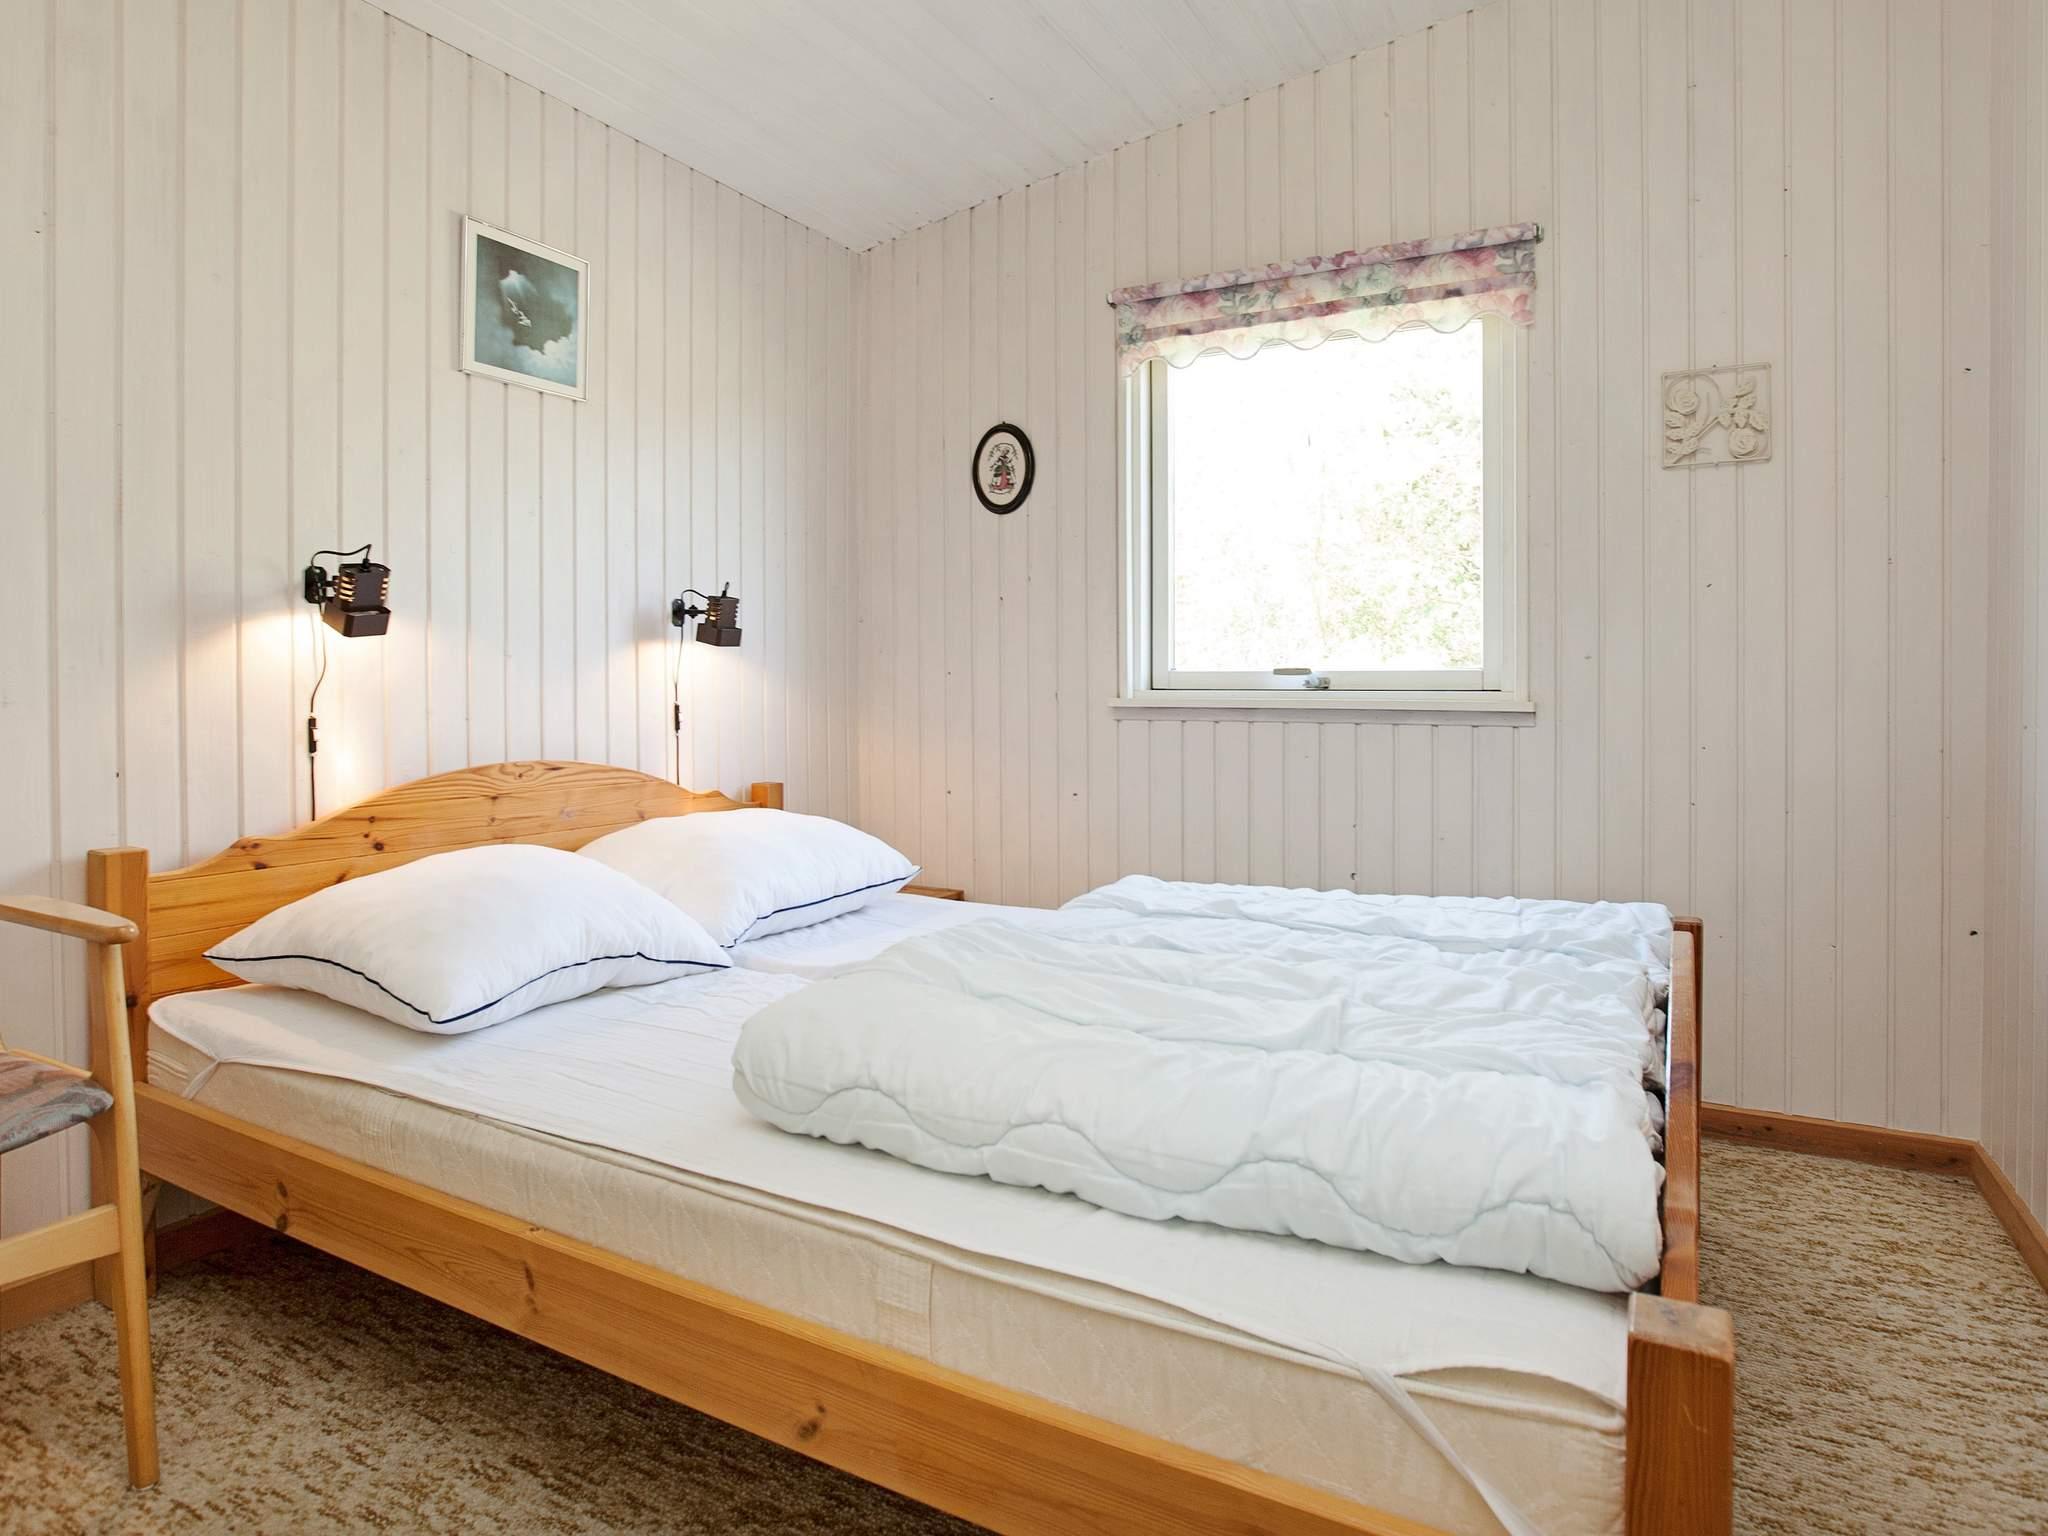 Ferienhaus Hummingen (81995), Hummingen, , Lolland, Dänemark, Bild 10